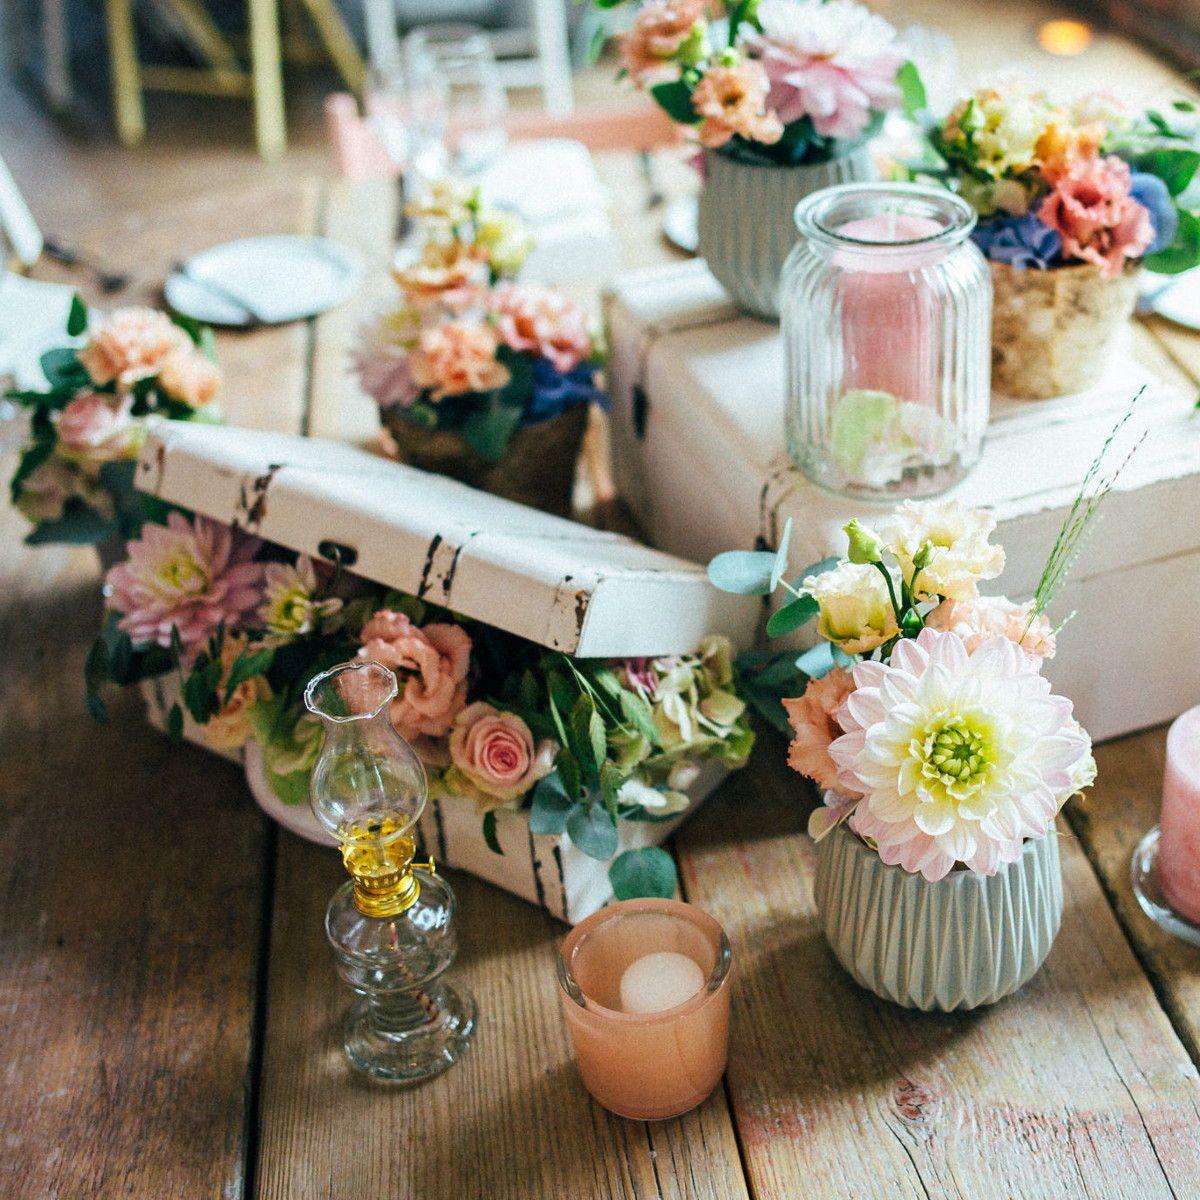 Hochzeit Tischdeko Pastell Blumen Und Bluten In Soften Farben Wie Rosa Pfirsich Und Koralle Werden In Klei Pastell Hochzeit Tischdeko Hochzeit Hochzeitstisch